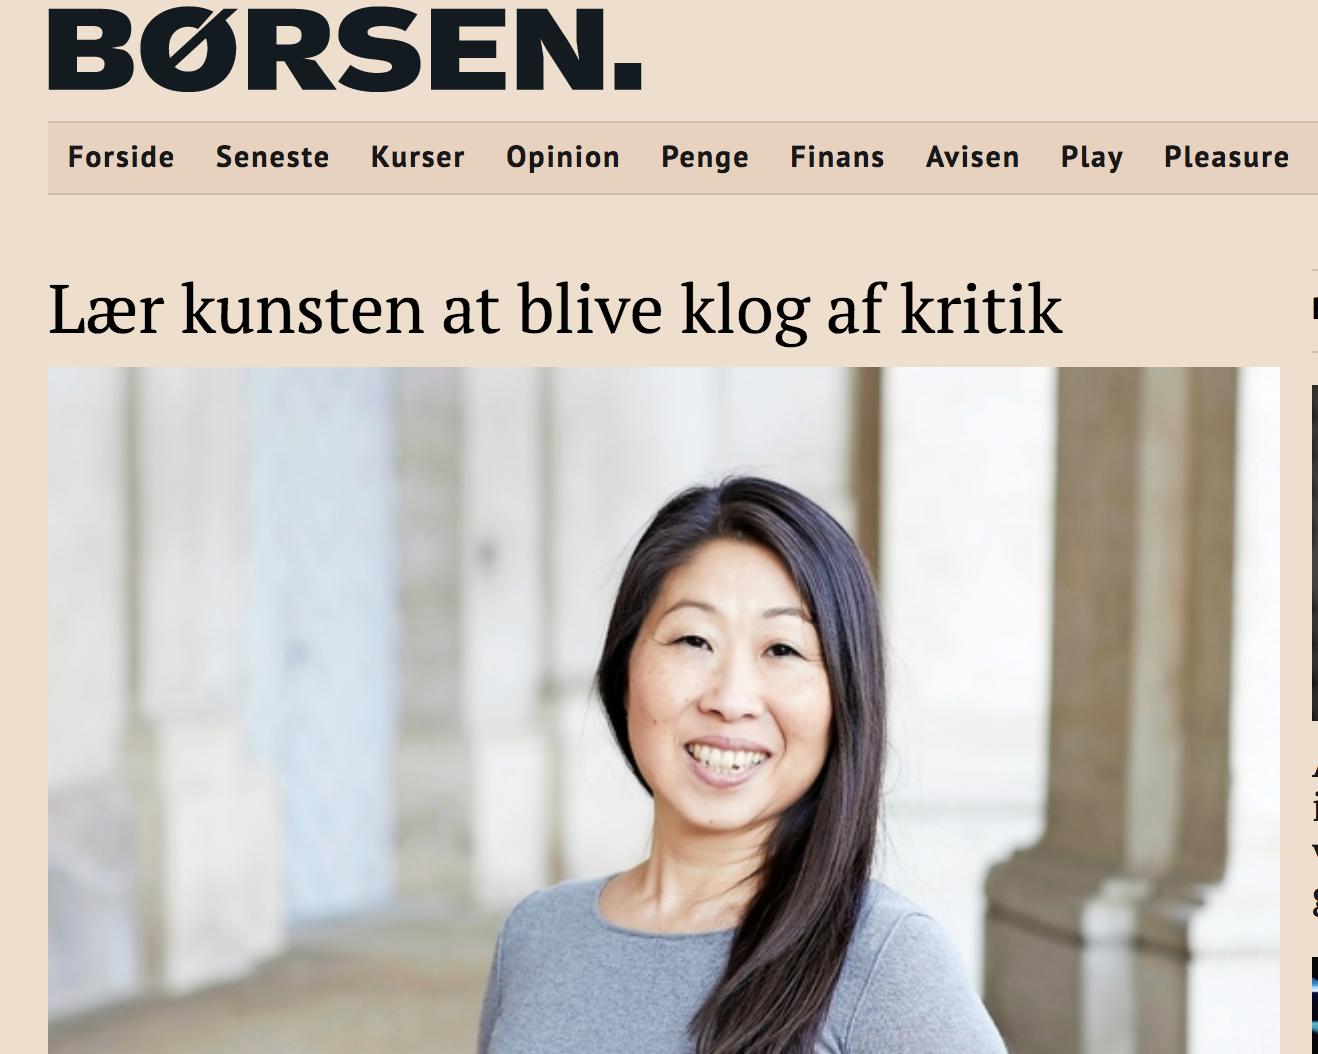 19.04.2018 Børsen executive